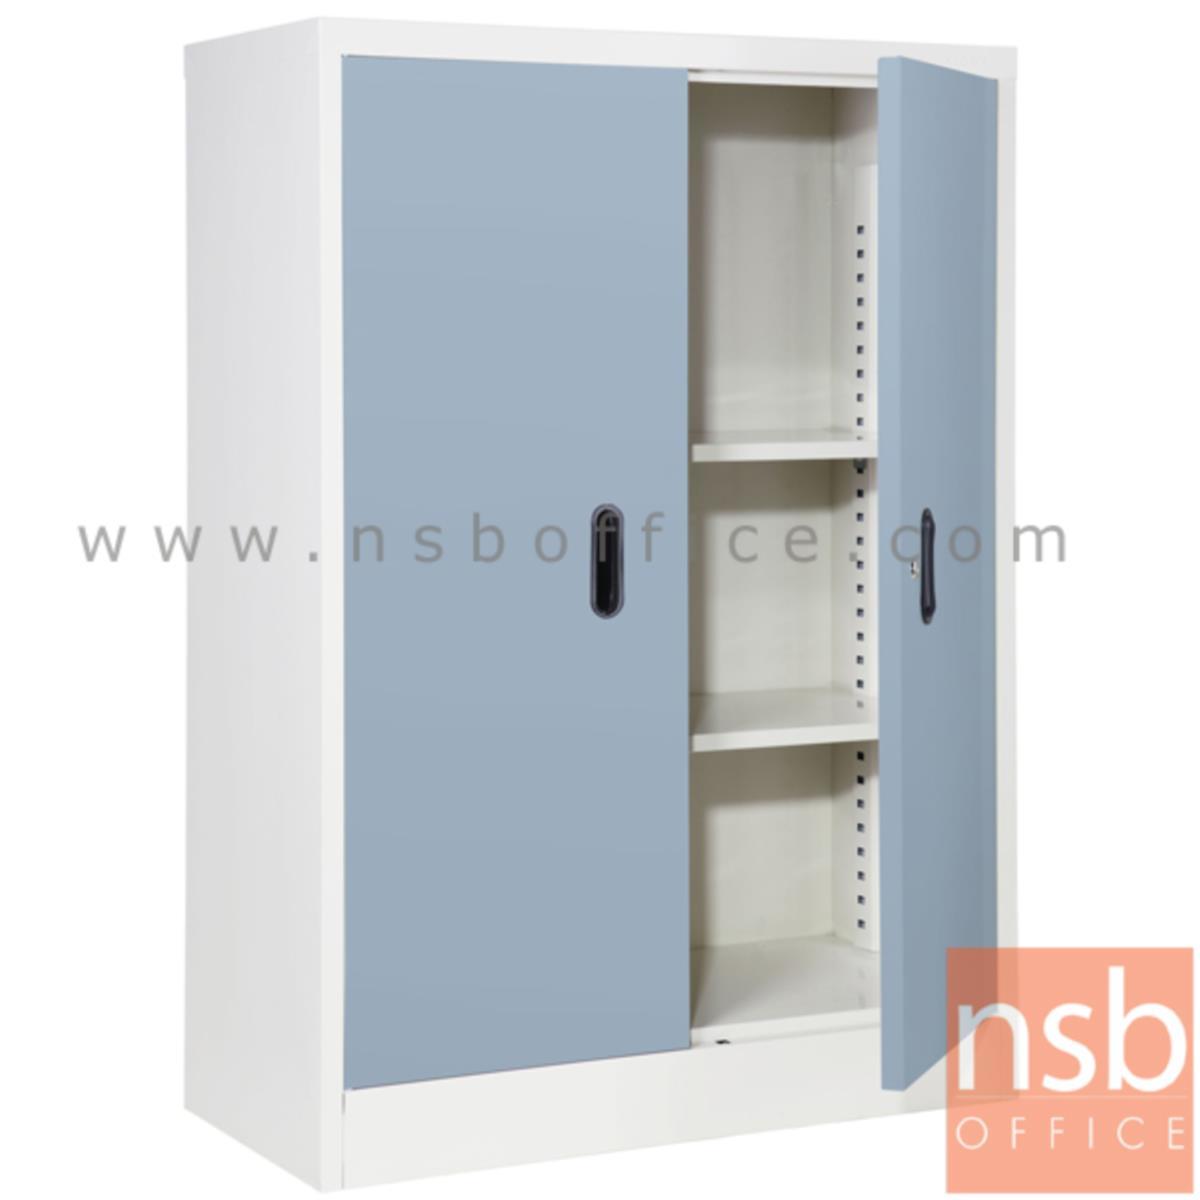 E21A003:ตู้เหล็ก 2 บานเปิด (2 แผ่นชั้น) 88W*40D*122H cm  BS-2122 (เก็บของ หรือ วางรองเท้า)